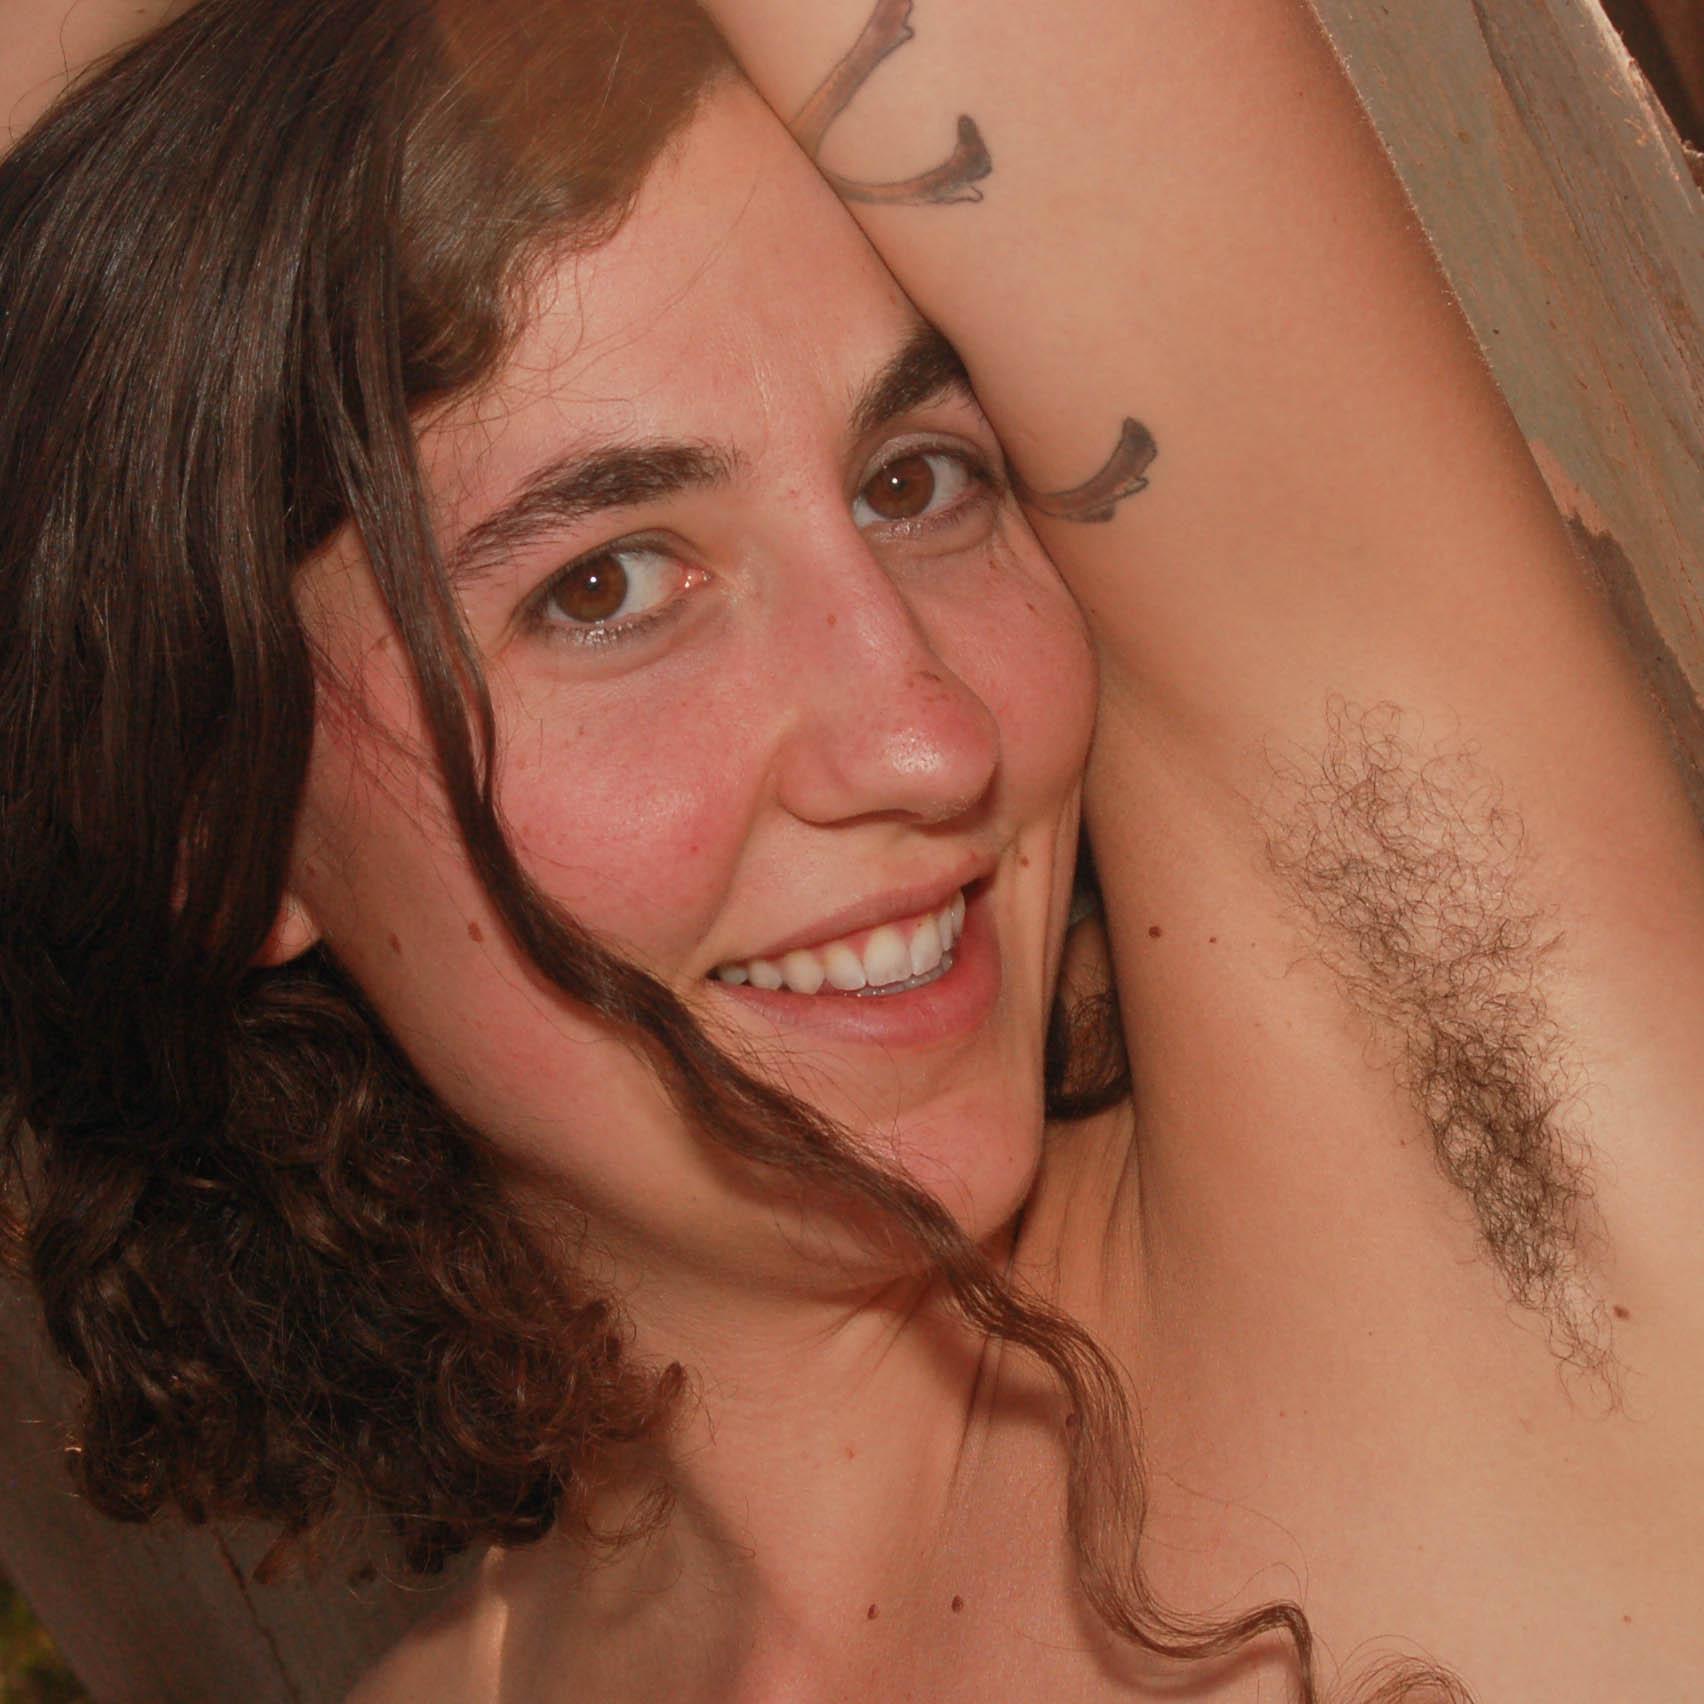 Armpits atk hairy